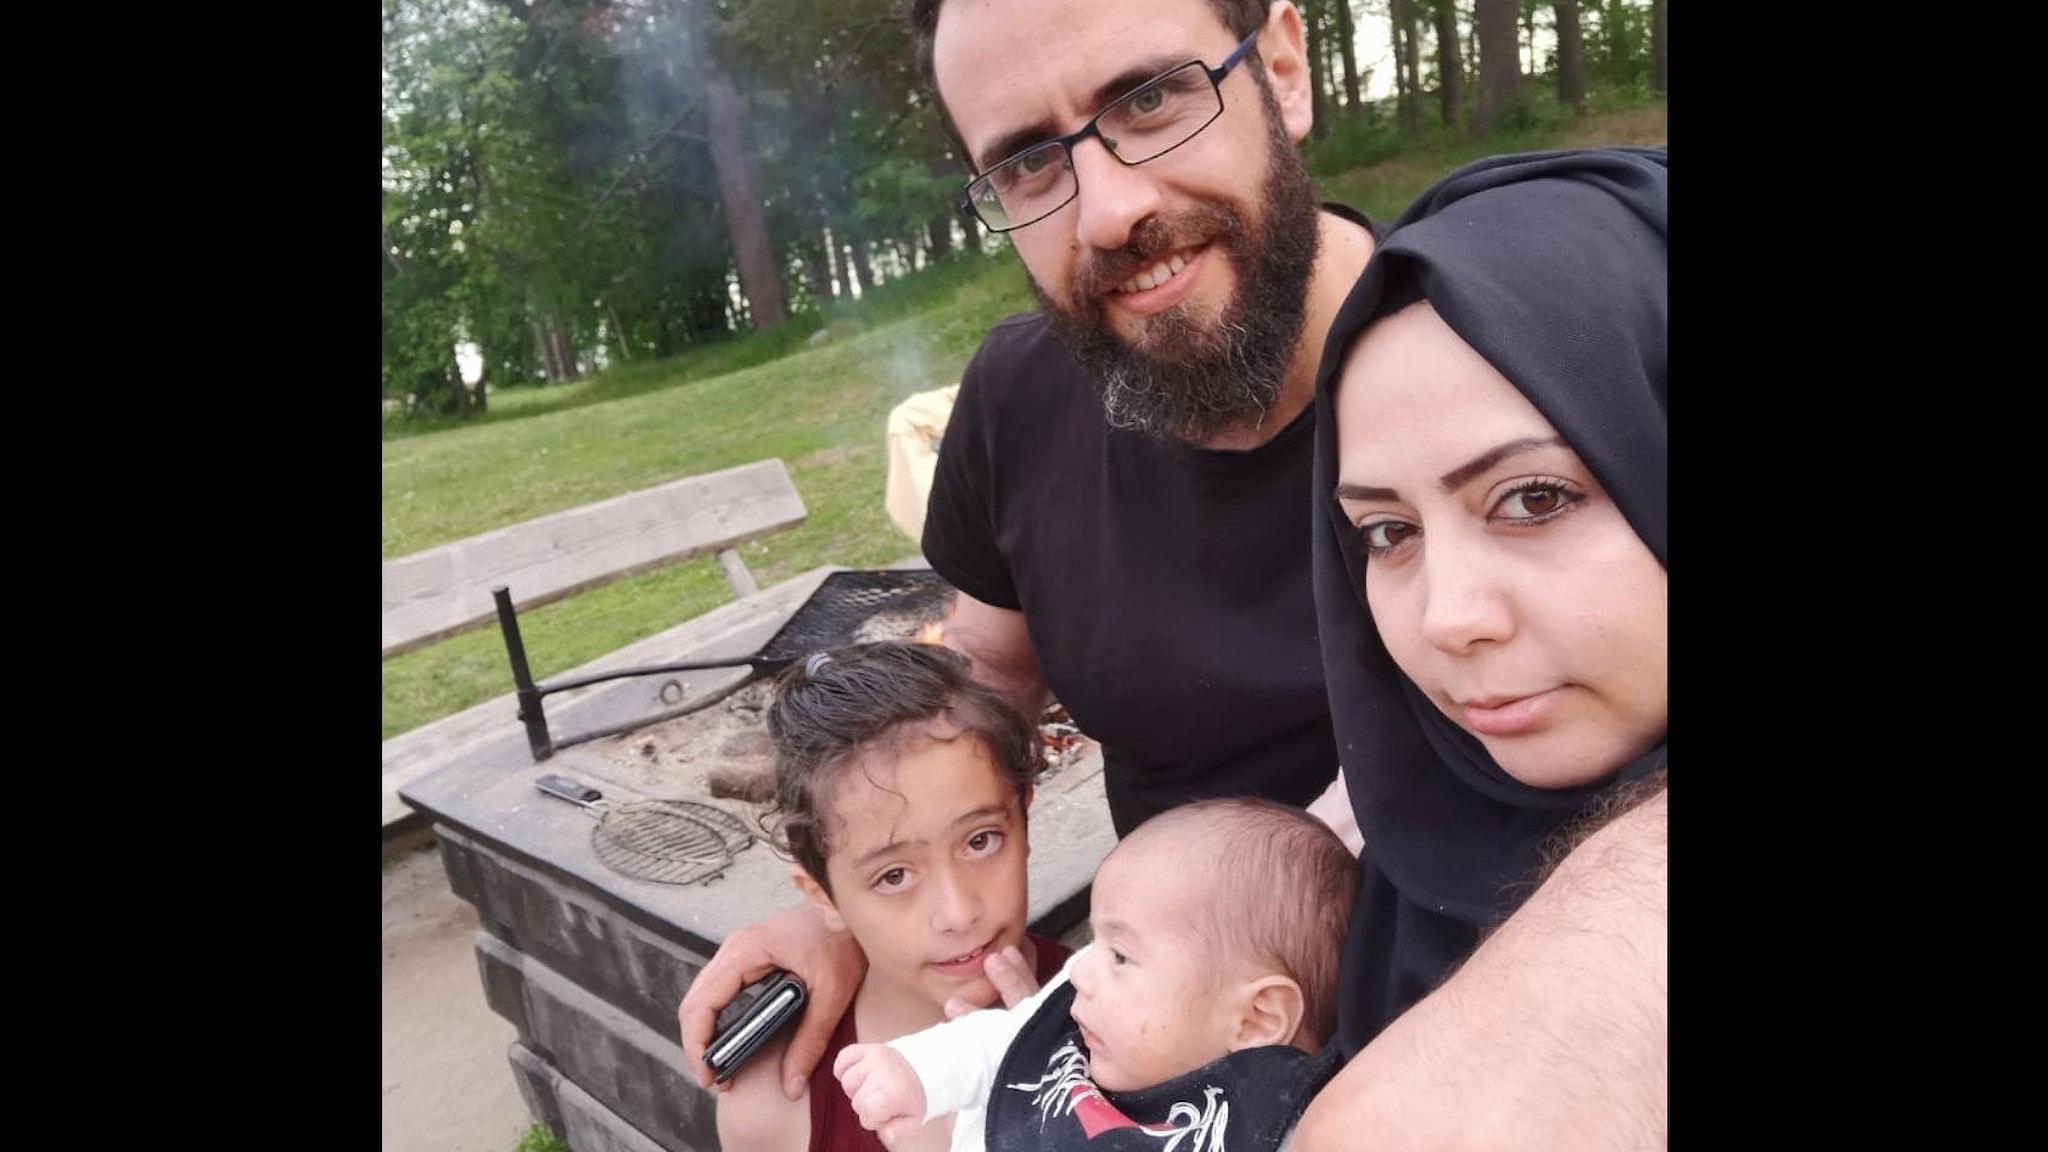 Ahmad Marei tillsammans med sin familj. I bakgrunden syns en eldstad och en gräsmatta.